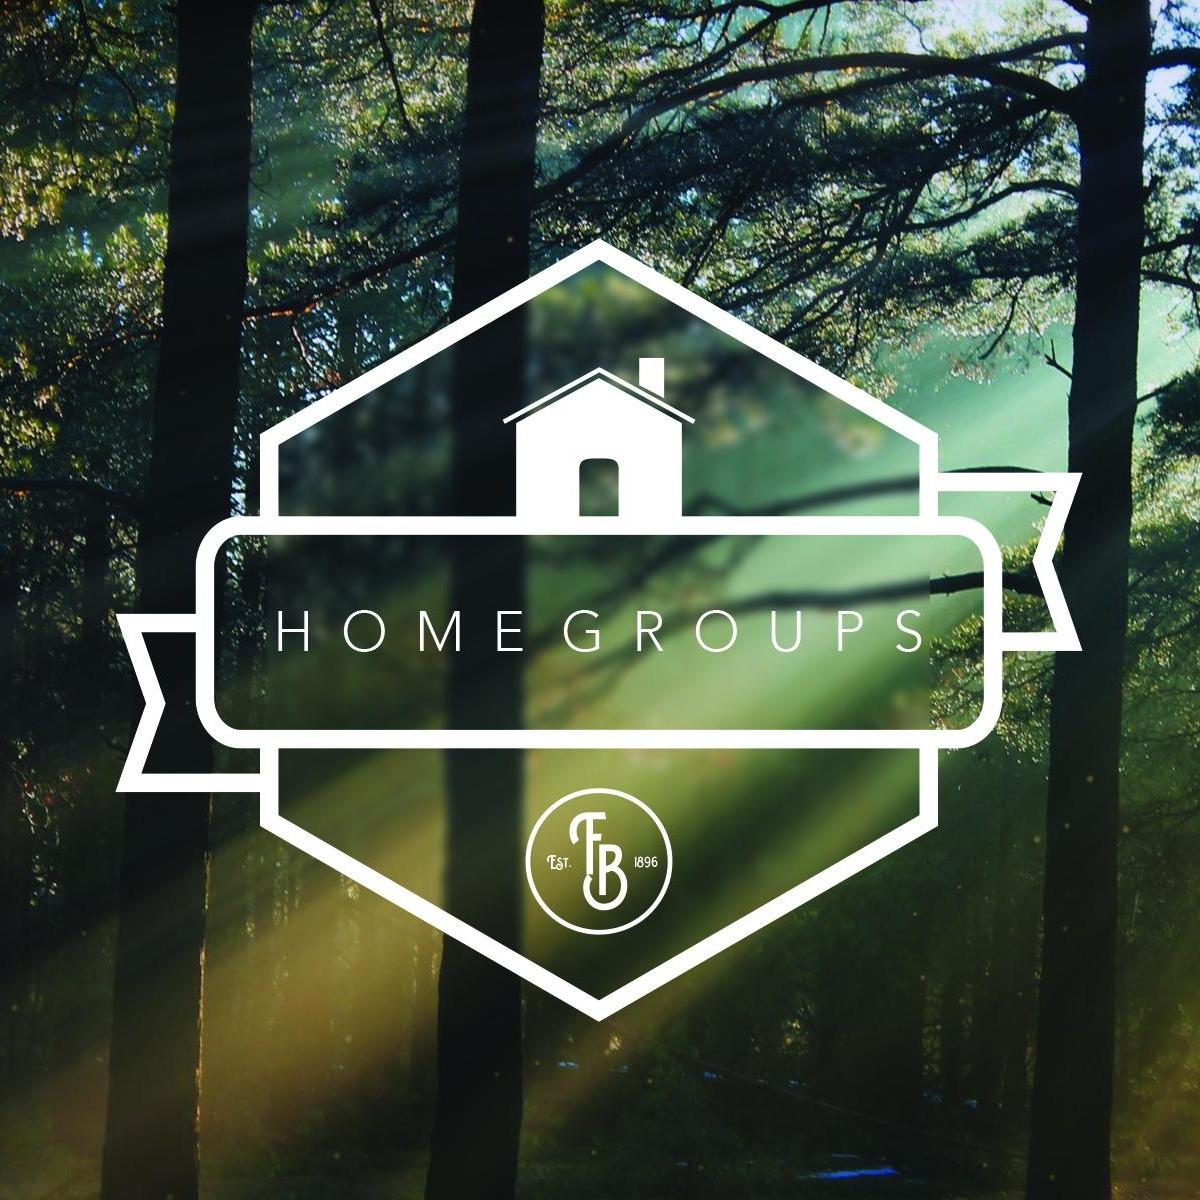 Home Groups Slide.jpg